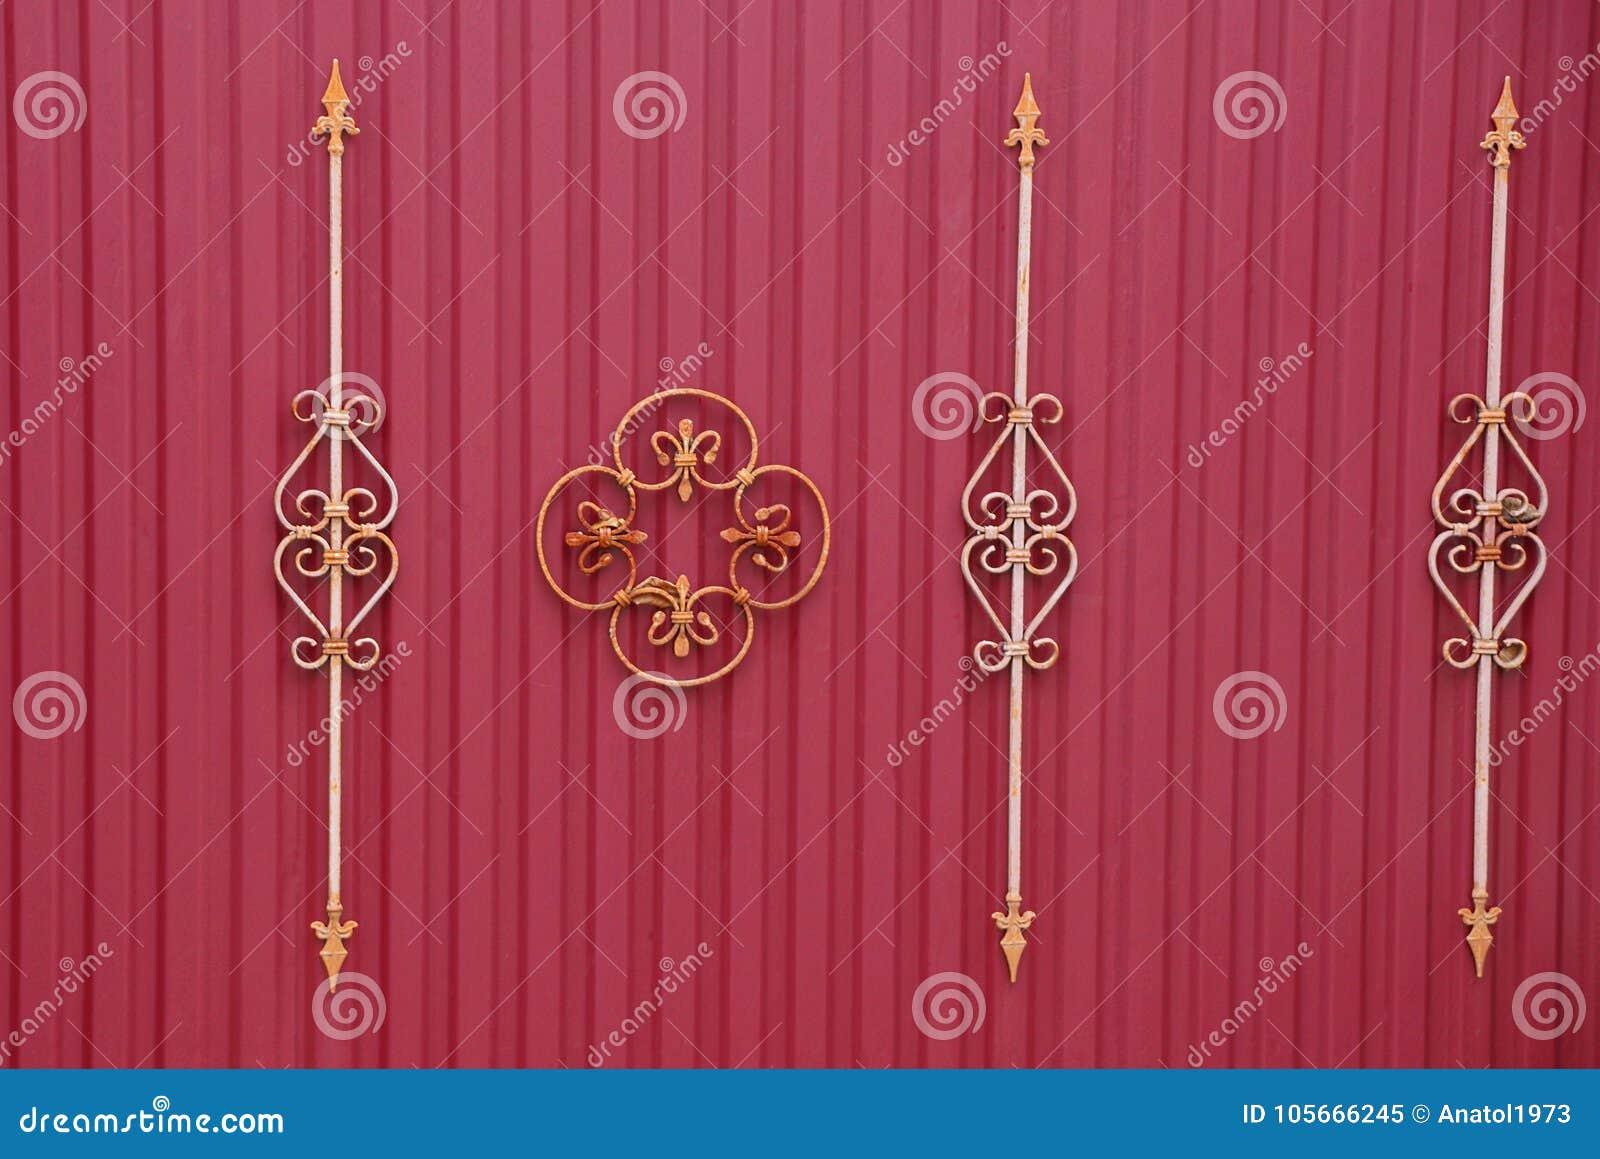 Τεμάχιο ενός κόκκινου φράκτη με τους σφυρηλατημένους φραγμούς και ένα όμορφο σχέδιο